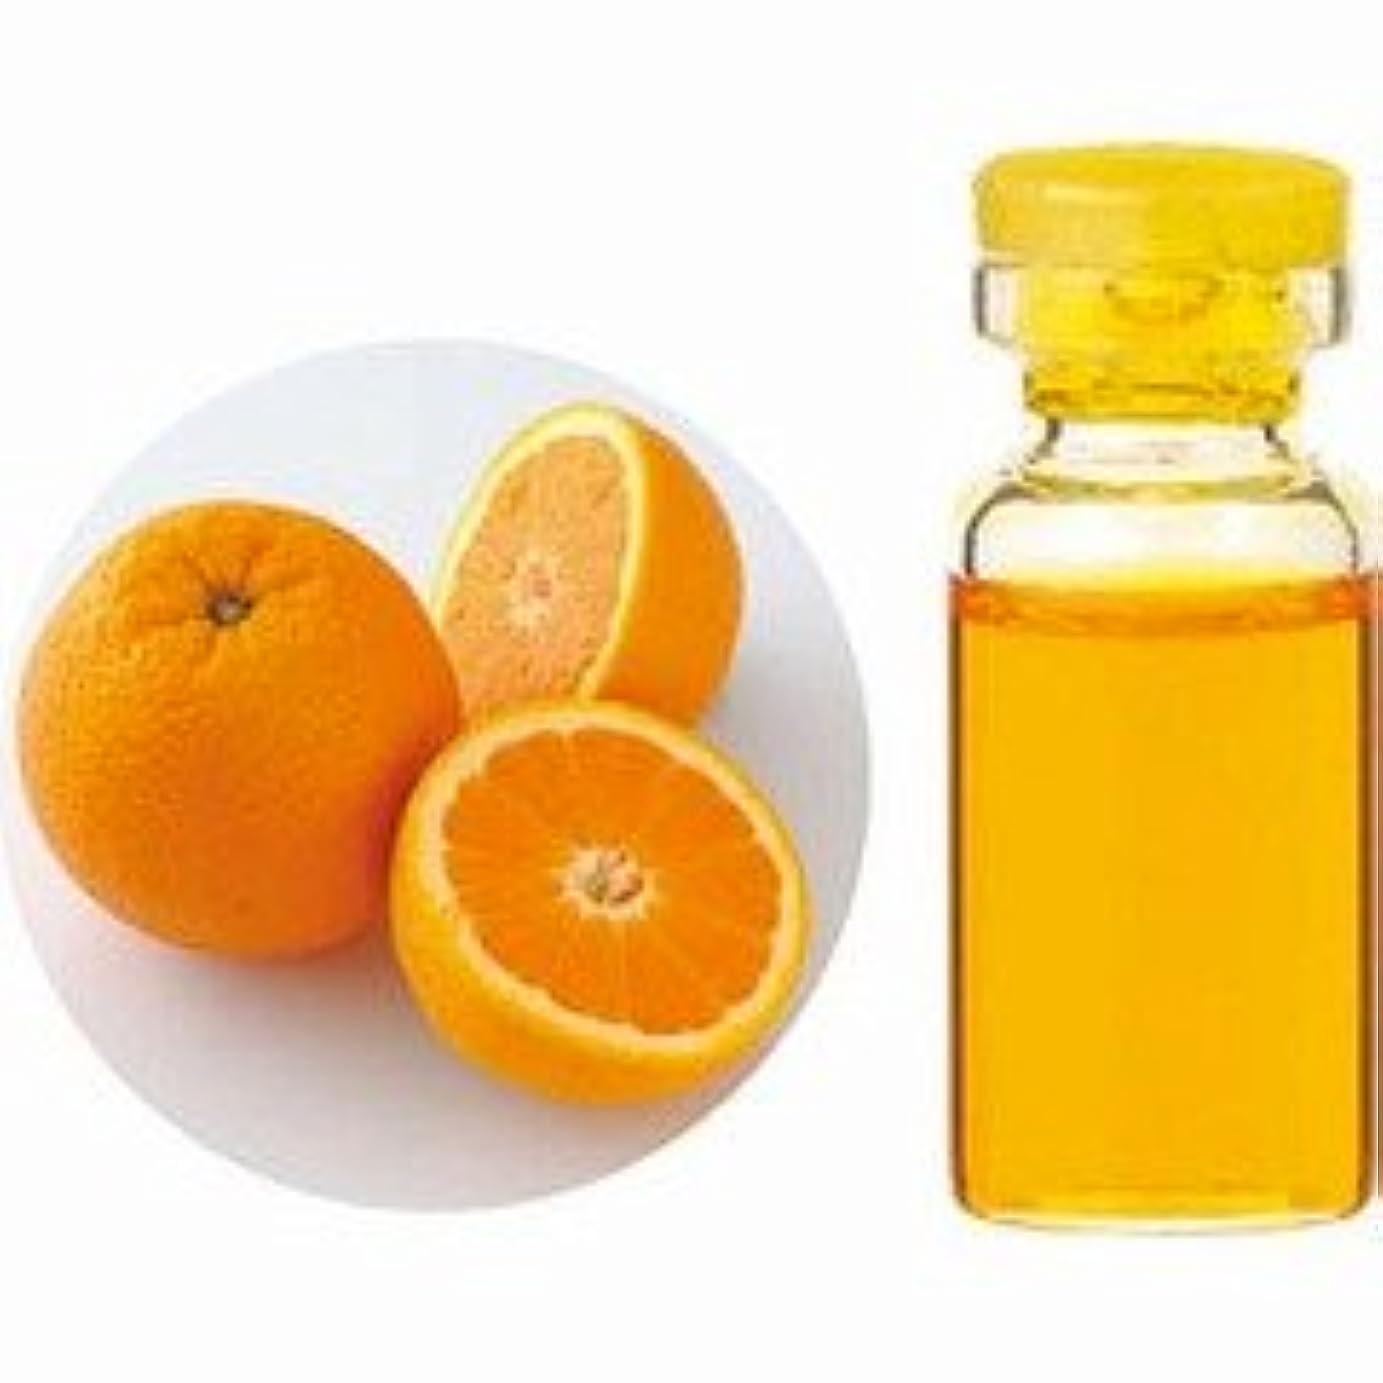 朝ごはん命令的熟読エッセンシャルオイル(精油) オレンジスイート 10ml 【生活の木】